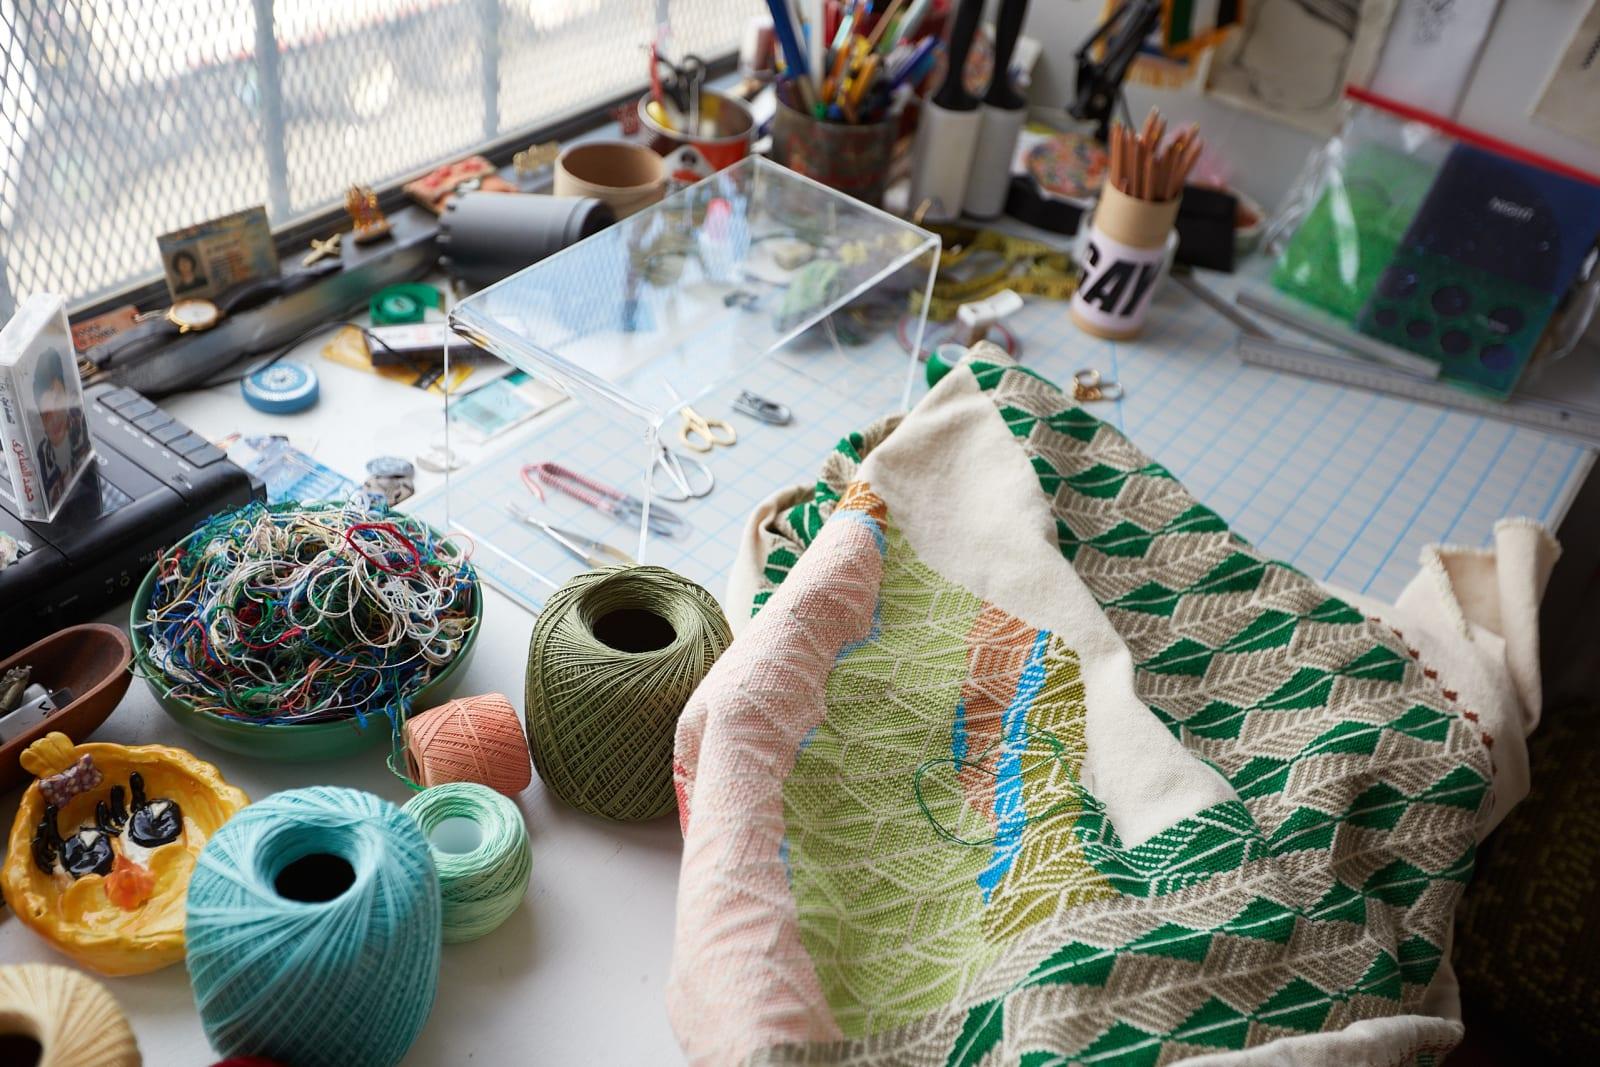 Jordan Nassar's Studio, Brooklyn, NY. Photo by Roy Beeson, 2020.